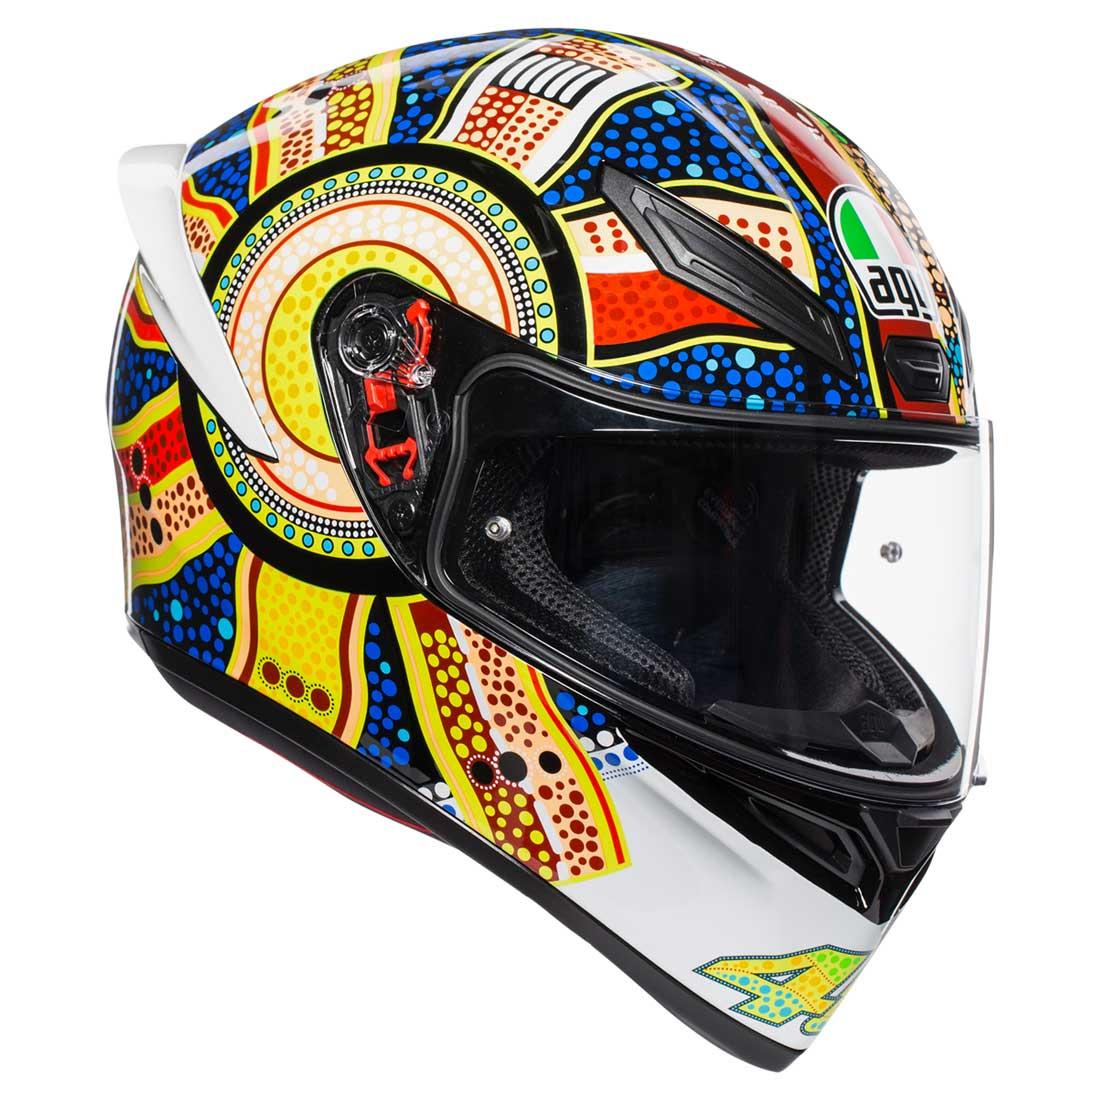 フルフェイスヘルメット AGV フルフェイスヘルメット K1 TOP DREAMTIME Lサイズ